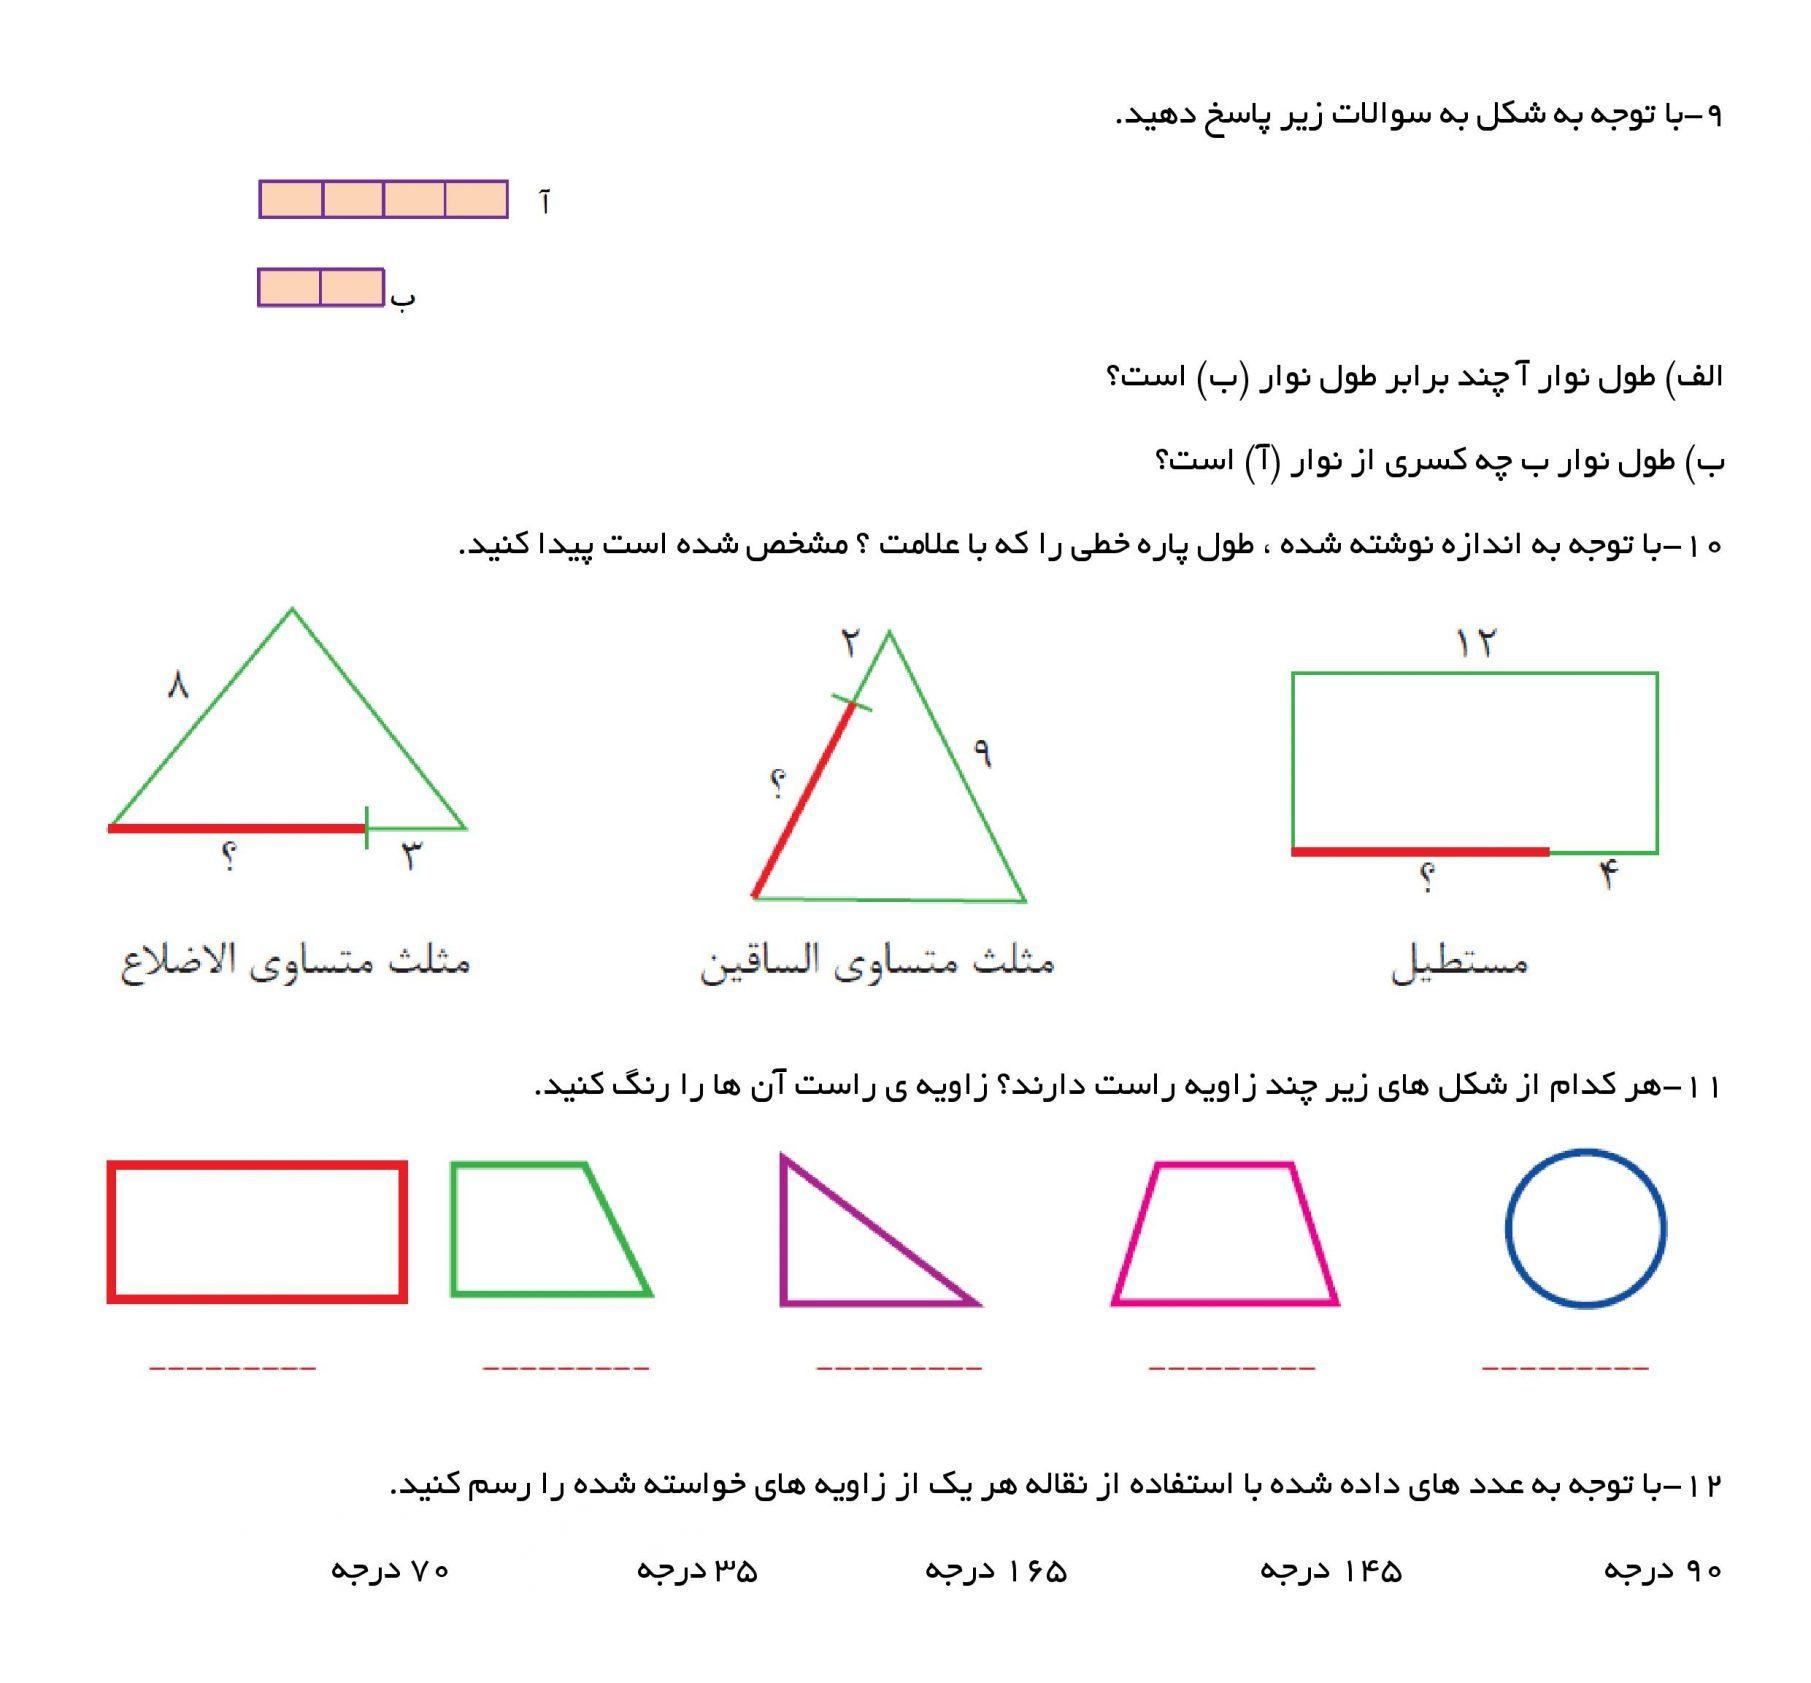 نمونه سوالات ریاضی فصل چهارم اندازه گیری با پاسخ